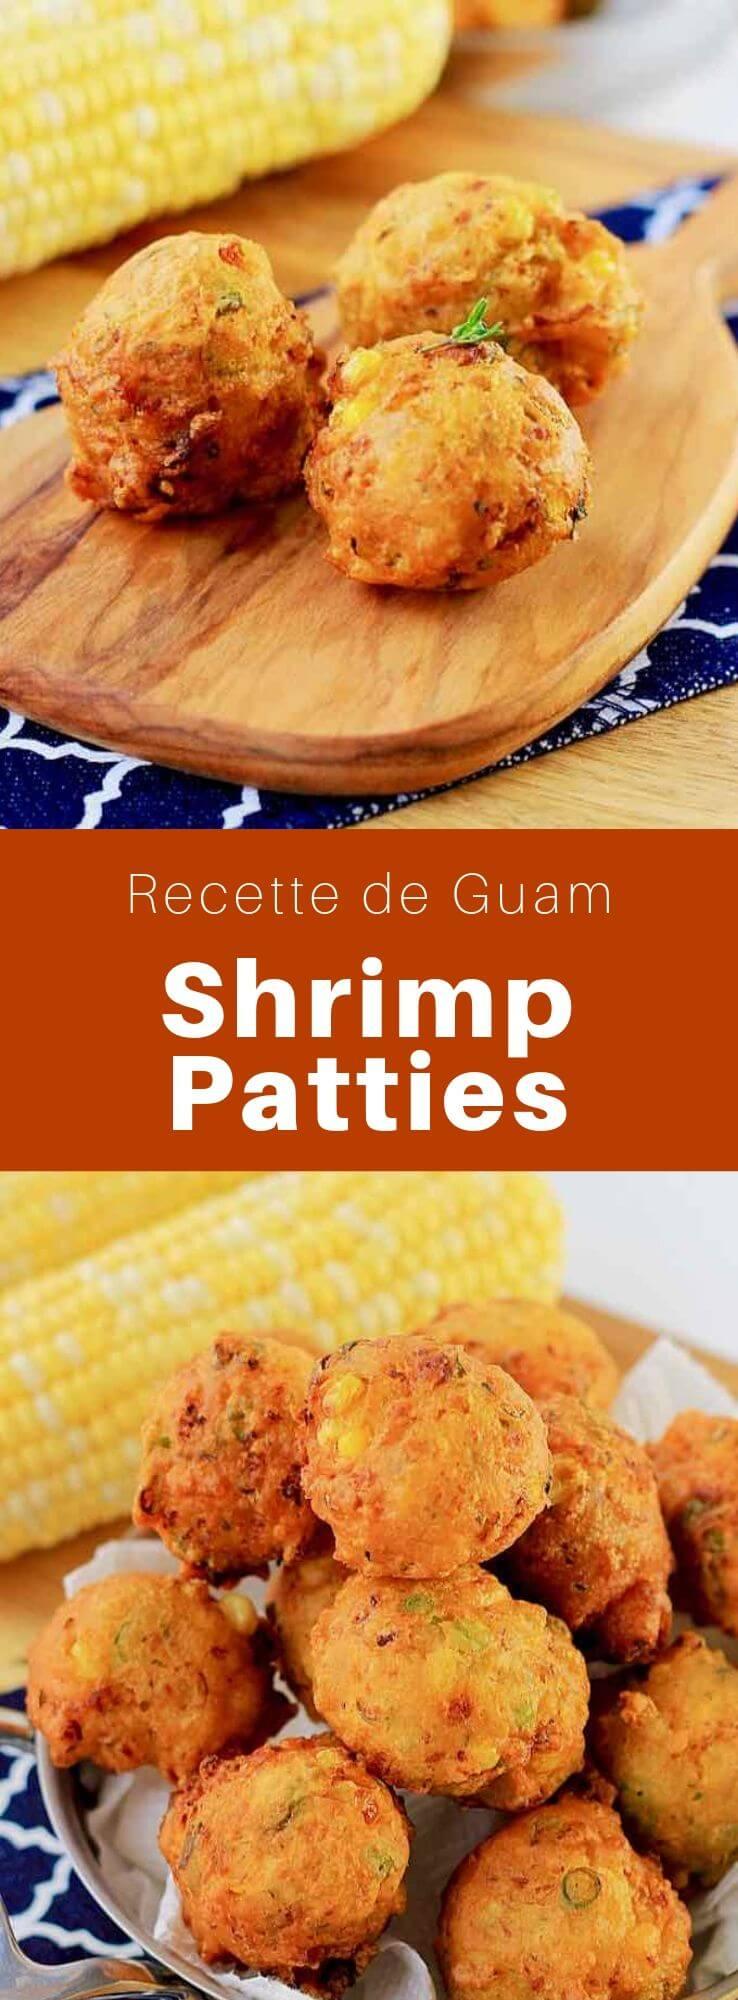 Les buñelos uhang (shrimp patties) sont de délicieux beignets de crevettes populaires sur l'île de Guam. #Guam #RecetteDeGuam #RecetteChamorro #Chamorro #CuisineDuMonde #196flavors